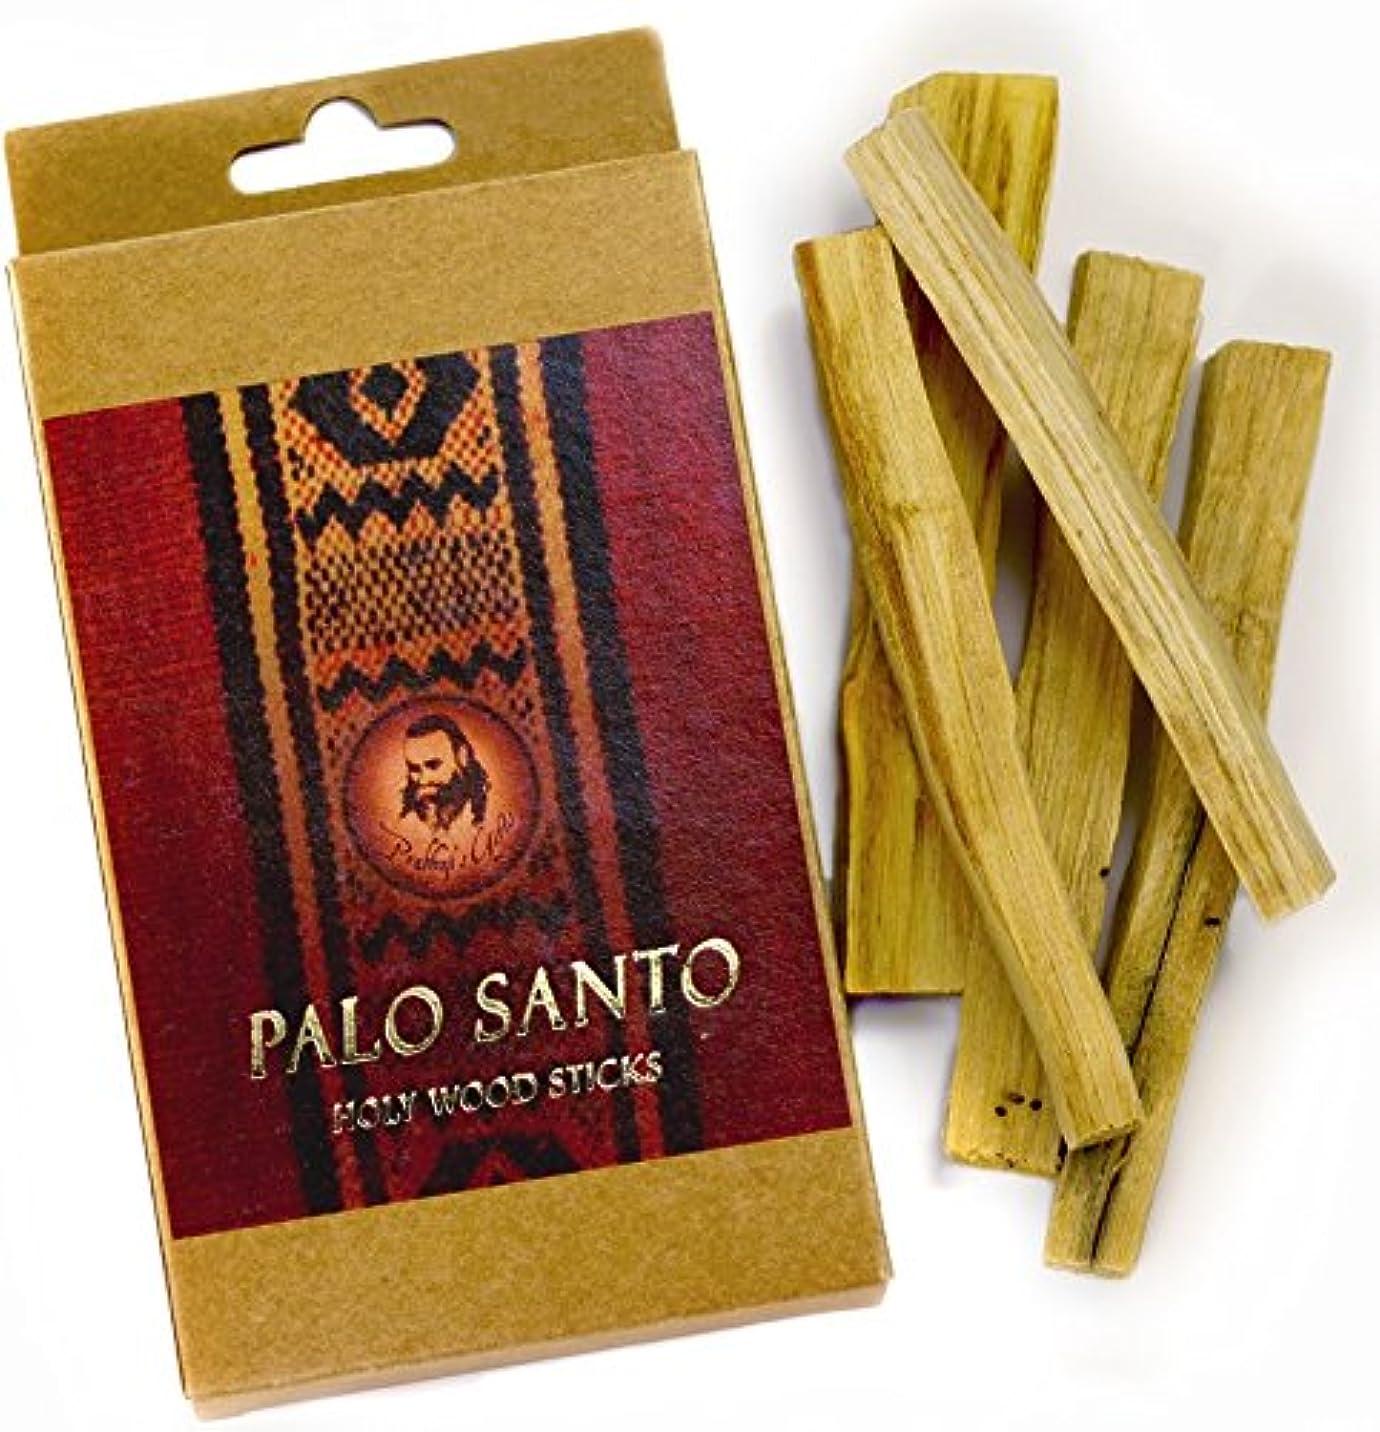 適応広々とした戸口Palo Santo Raw Incense木製 – 標準 – 5 Sticks